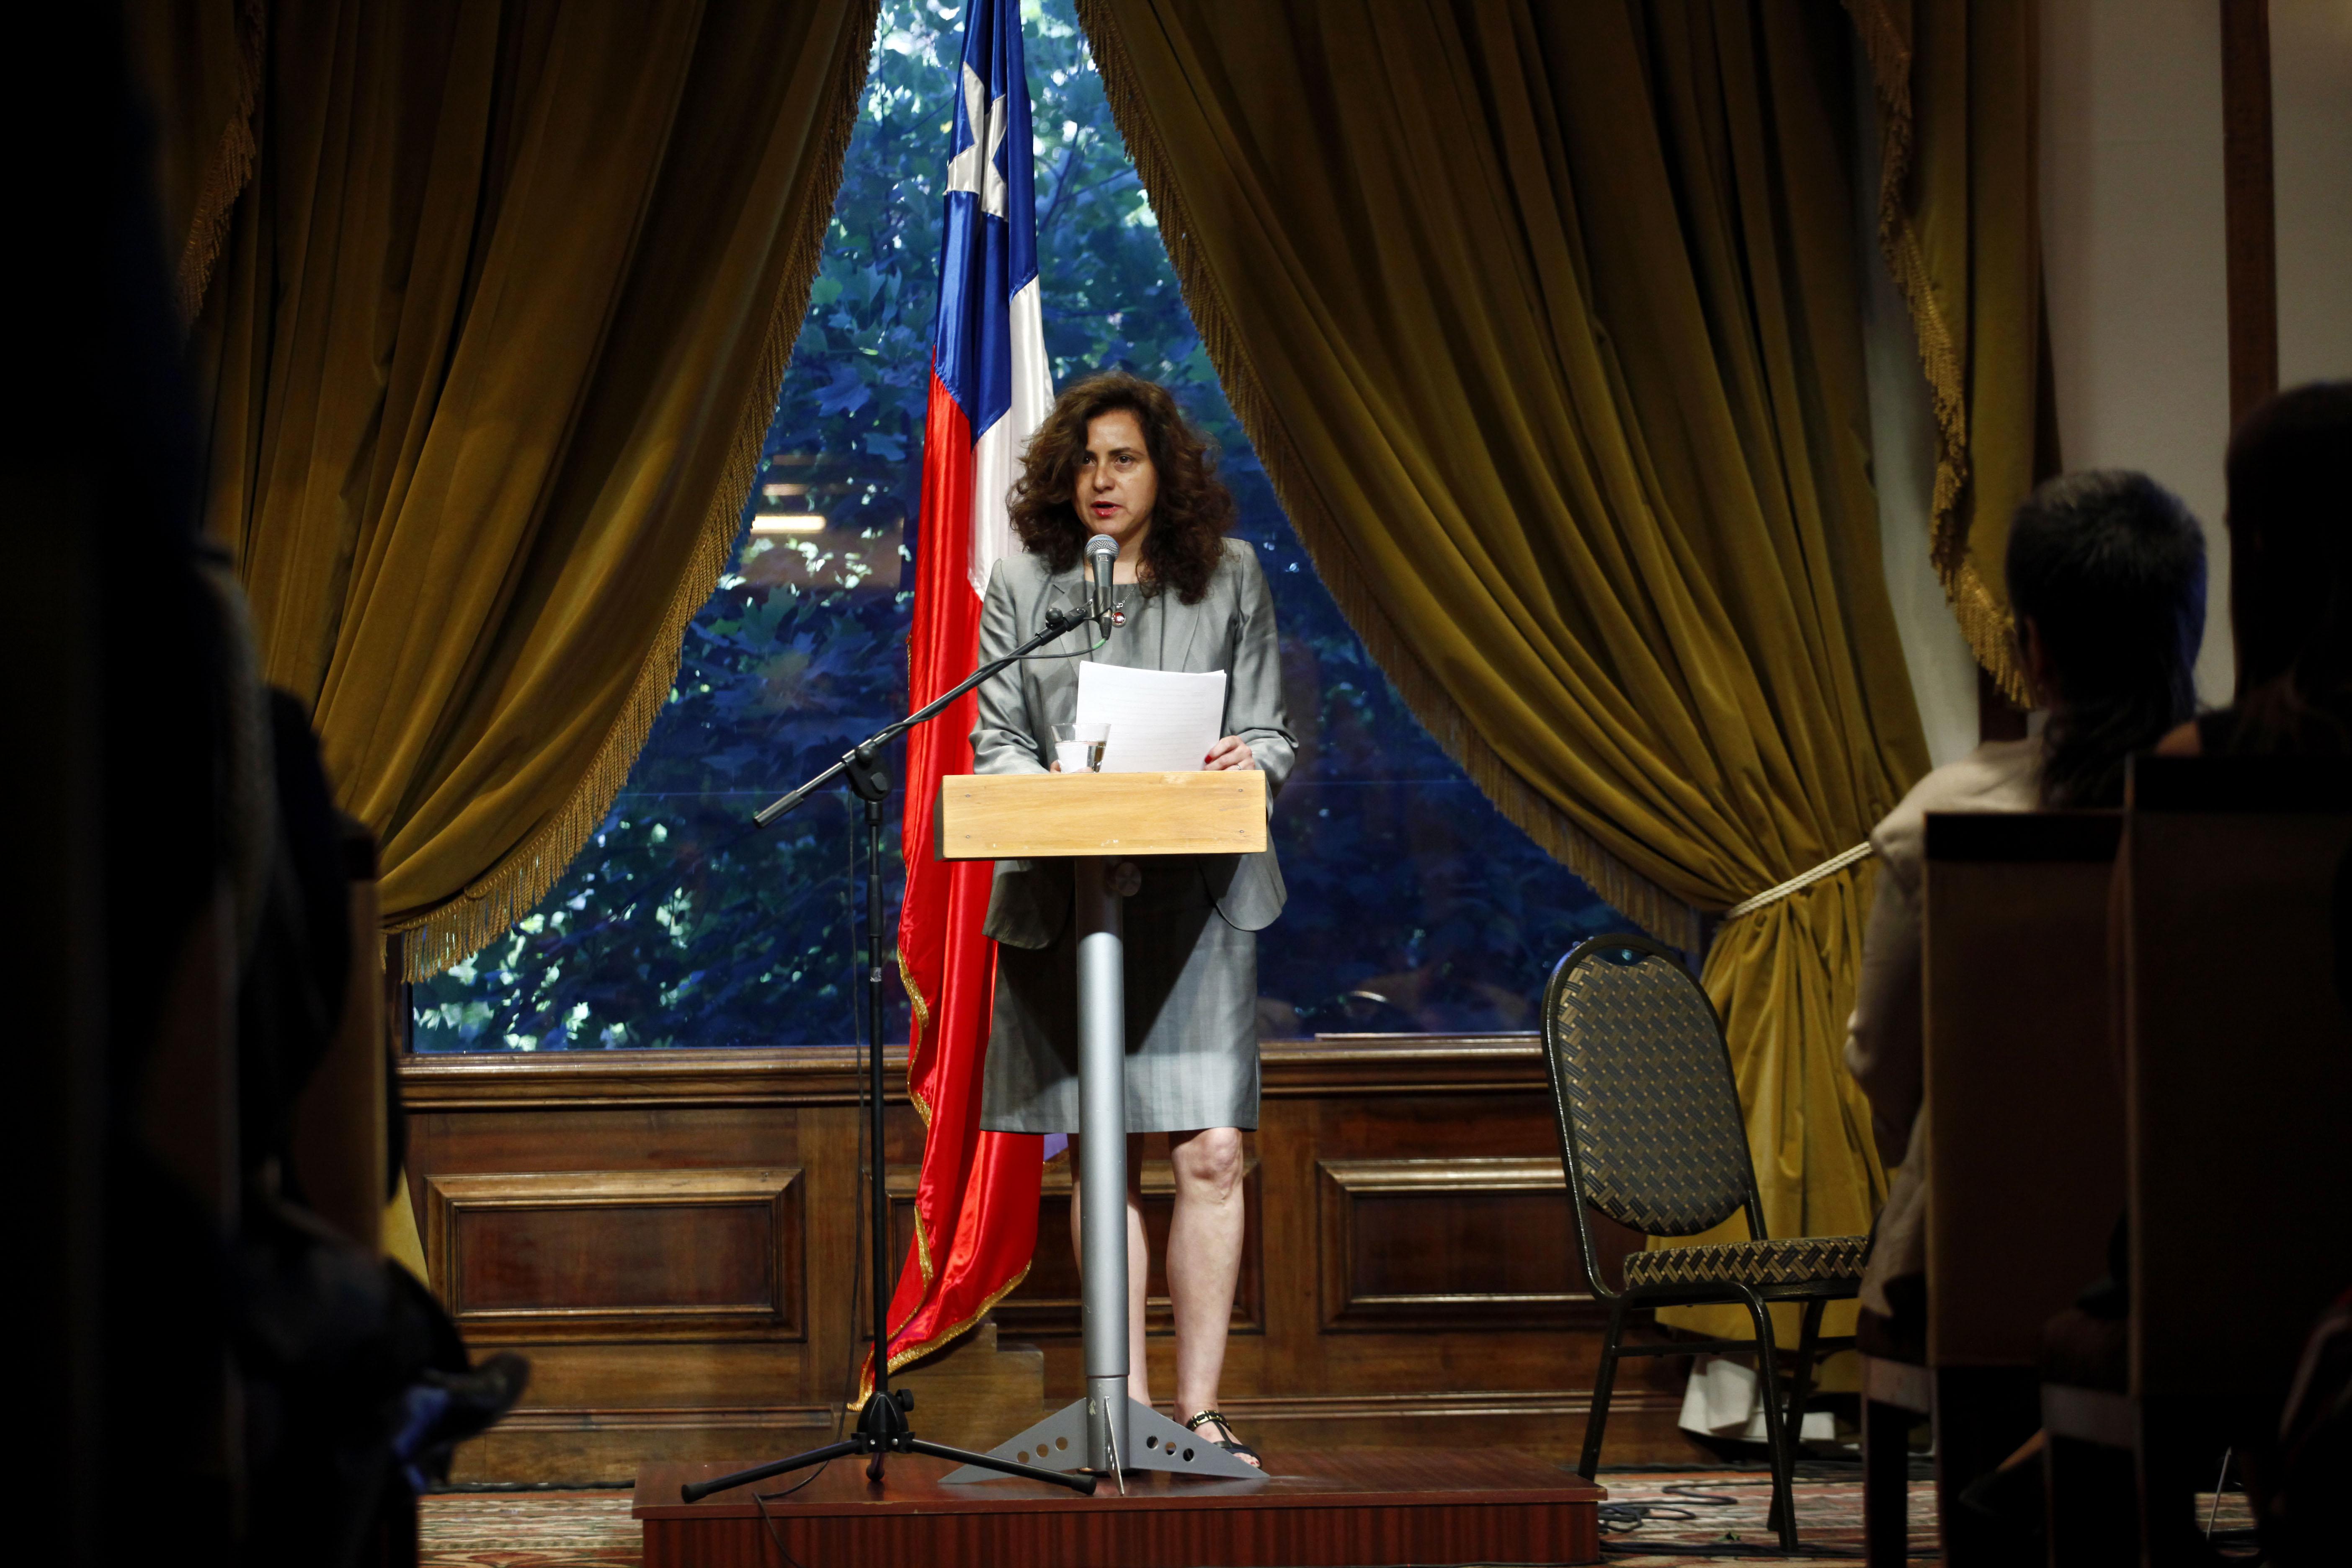 Acto de reconocimiento en el Ministerio de Relaciones Exteriores el 14 de diciembre de 2012